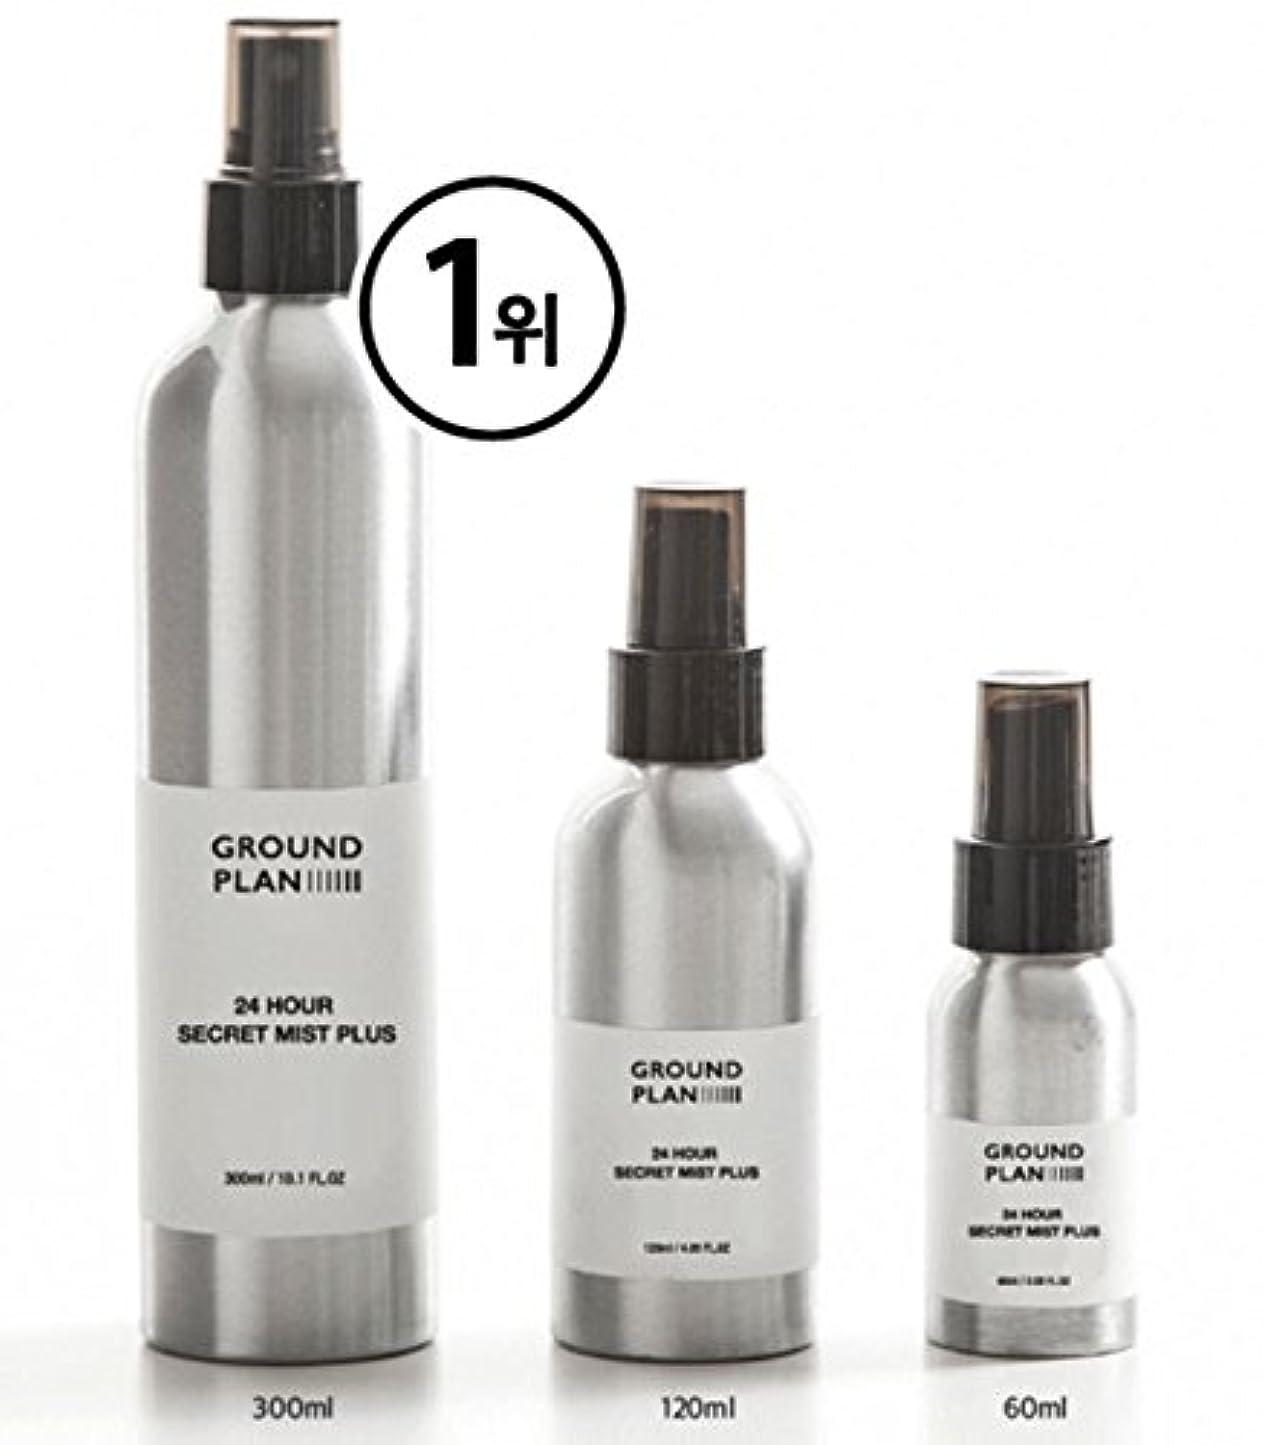 非武装化日光夜明けに[グラウンド?プラン] 24Hour 秘密 スキンミスト Plus (60ml) Ground plan 24 Hour Secret Skin Mist Plus [海外直送品]